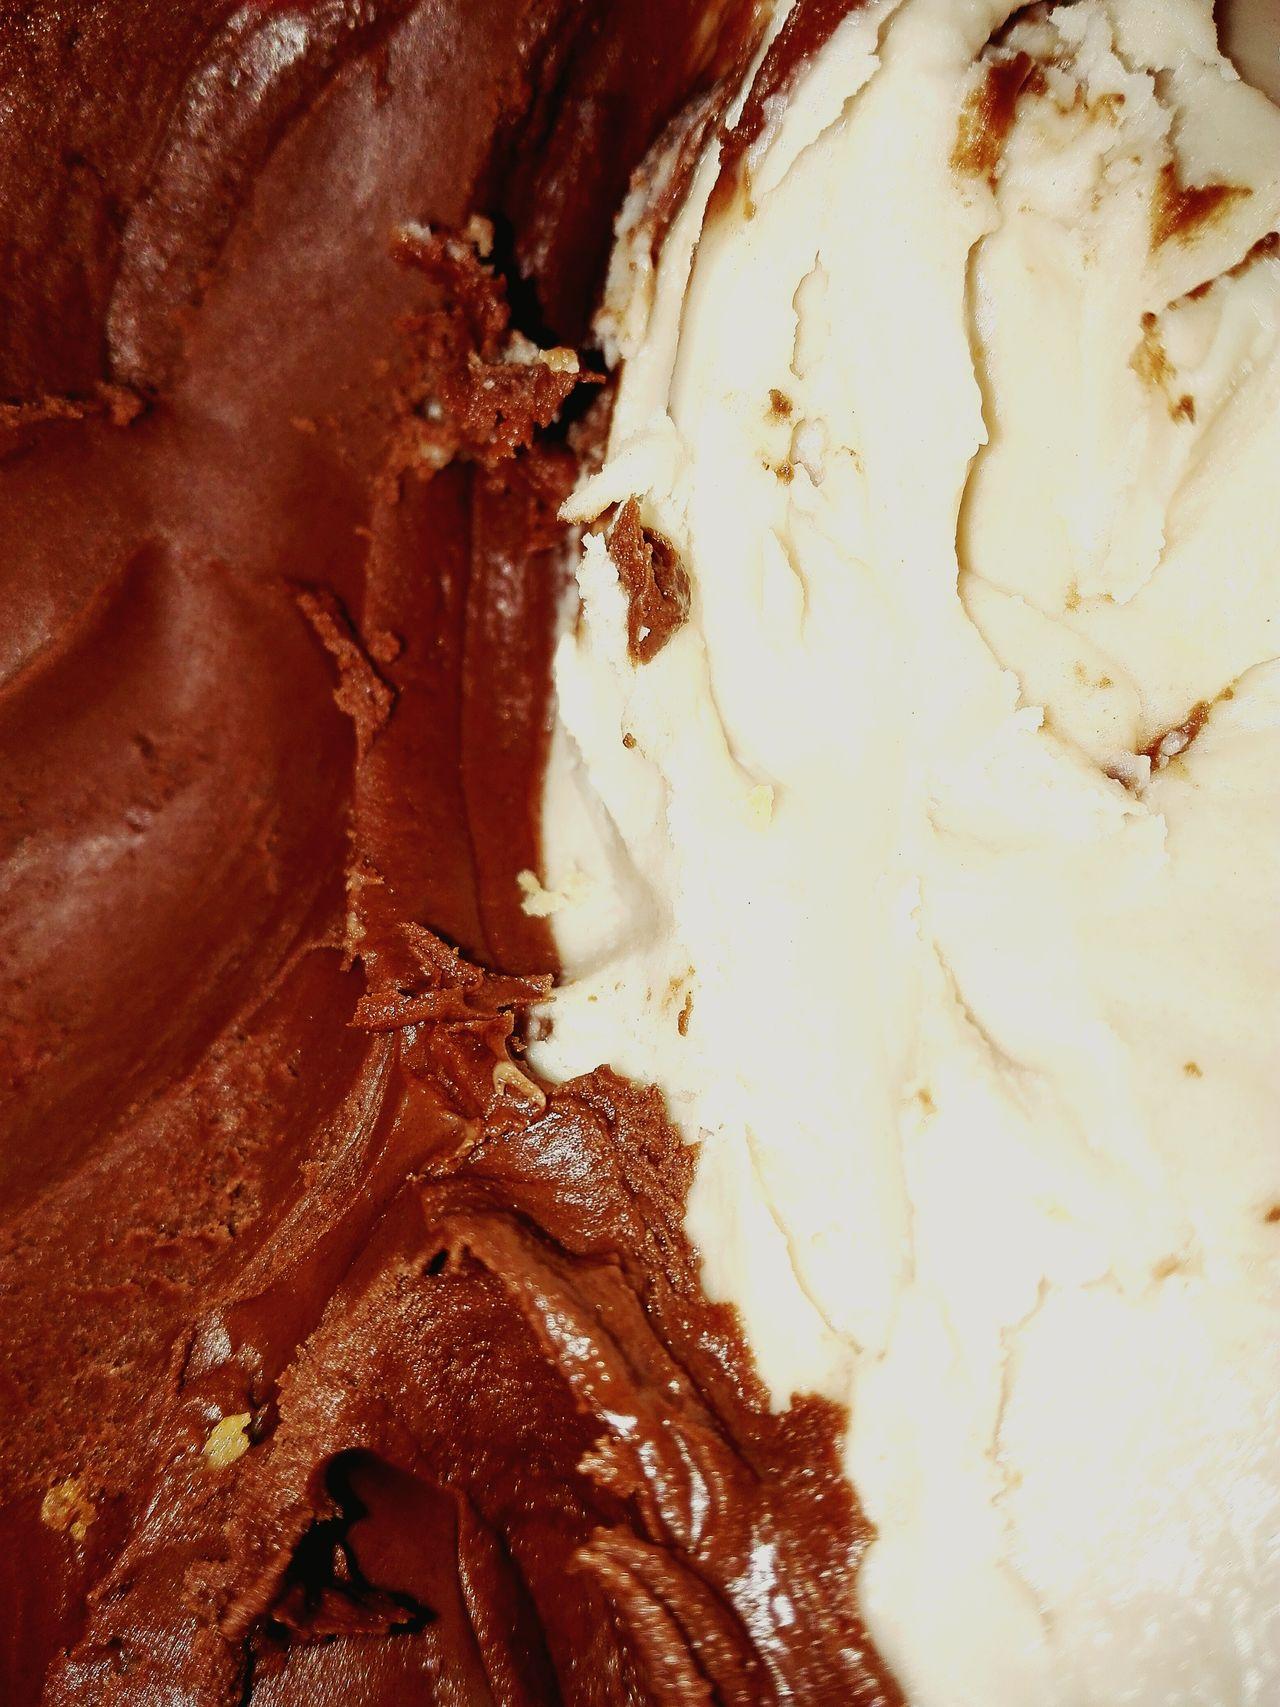 Hrana Sweet Nutella Eurokrem Food Slatko Chocolate Milk Chocolate Captured By Honor 4C